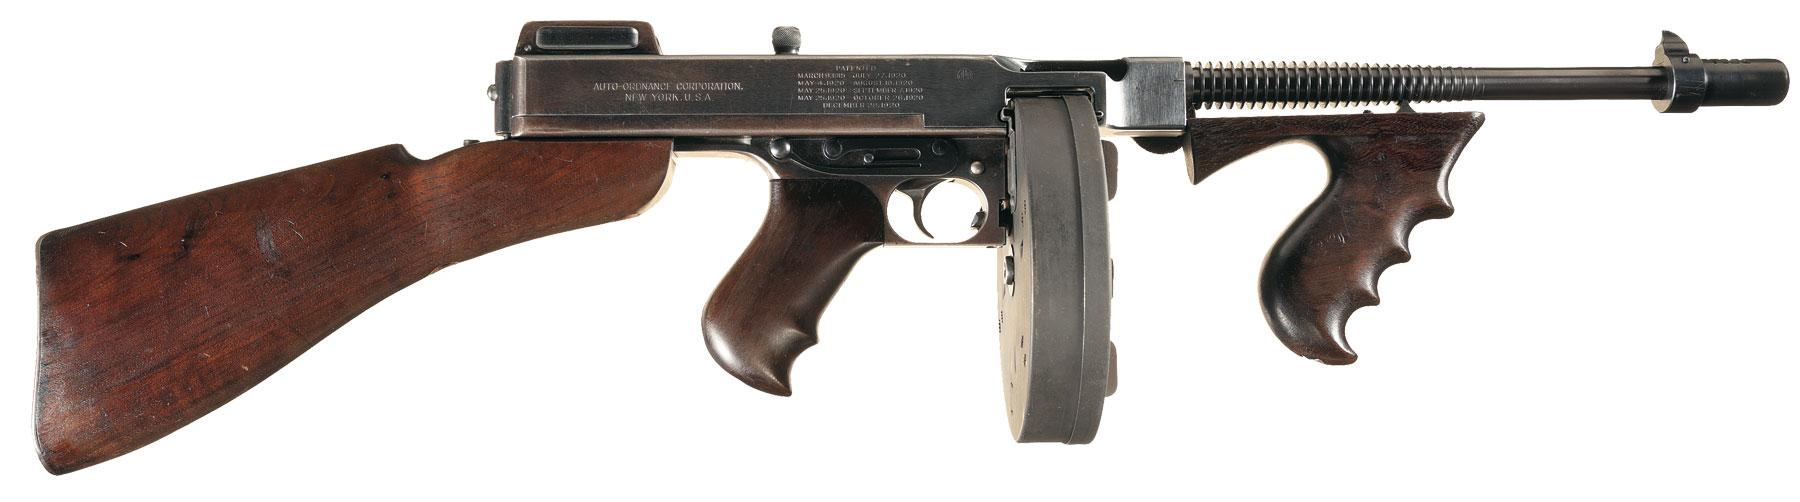 Пистолет-пулемет Thompson М1921